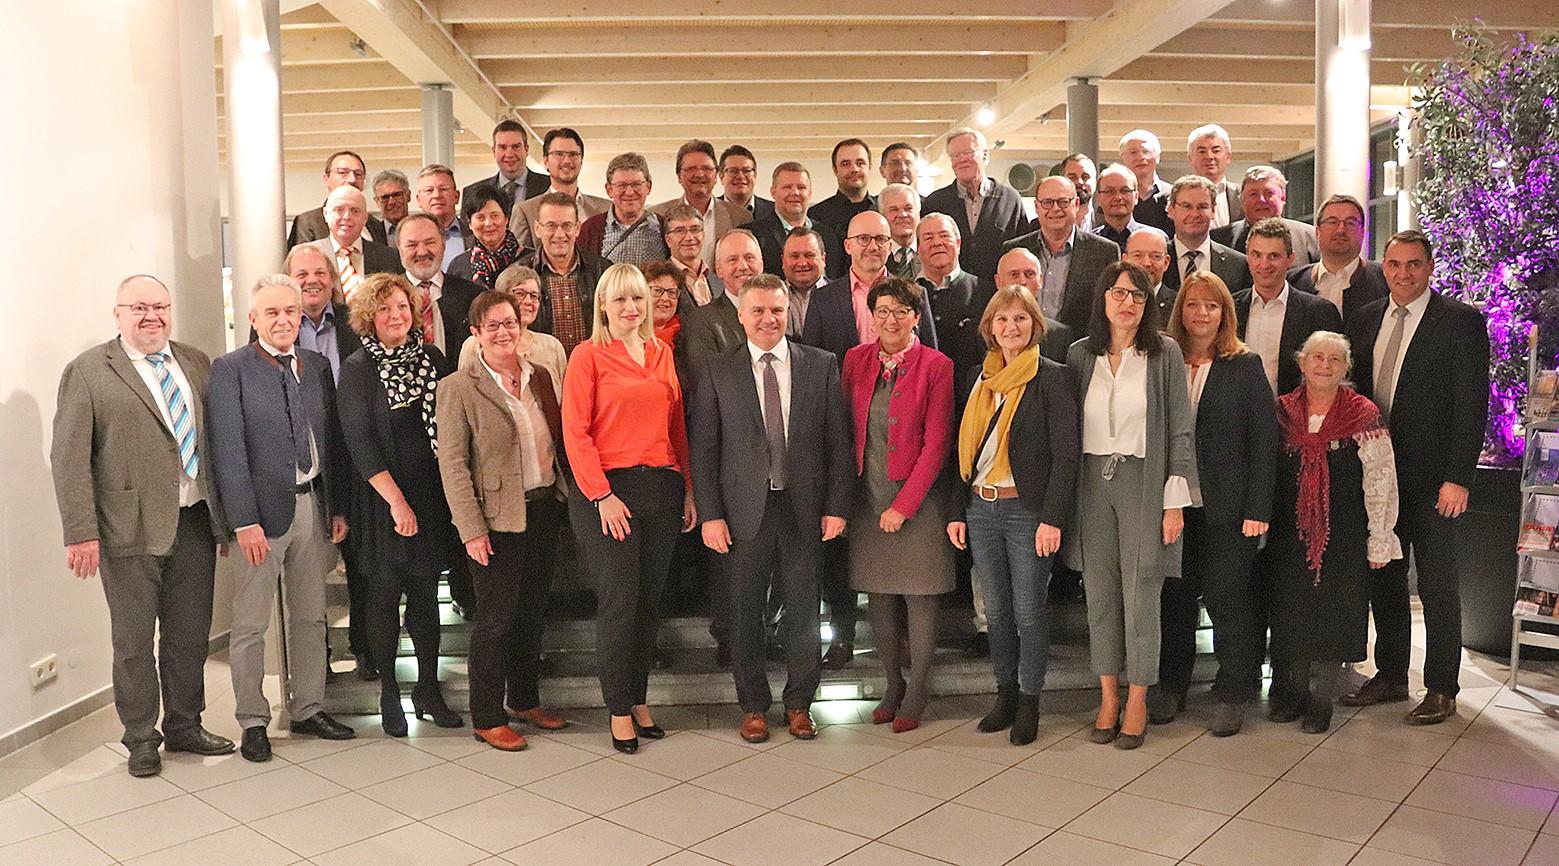 Landrat Peter Dreier und die Kandidaten der Freien Wähler für den Kreistag bei der Auftaktveranstaltung in Ergolding